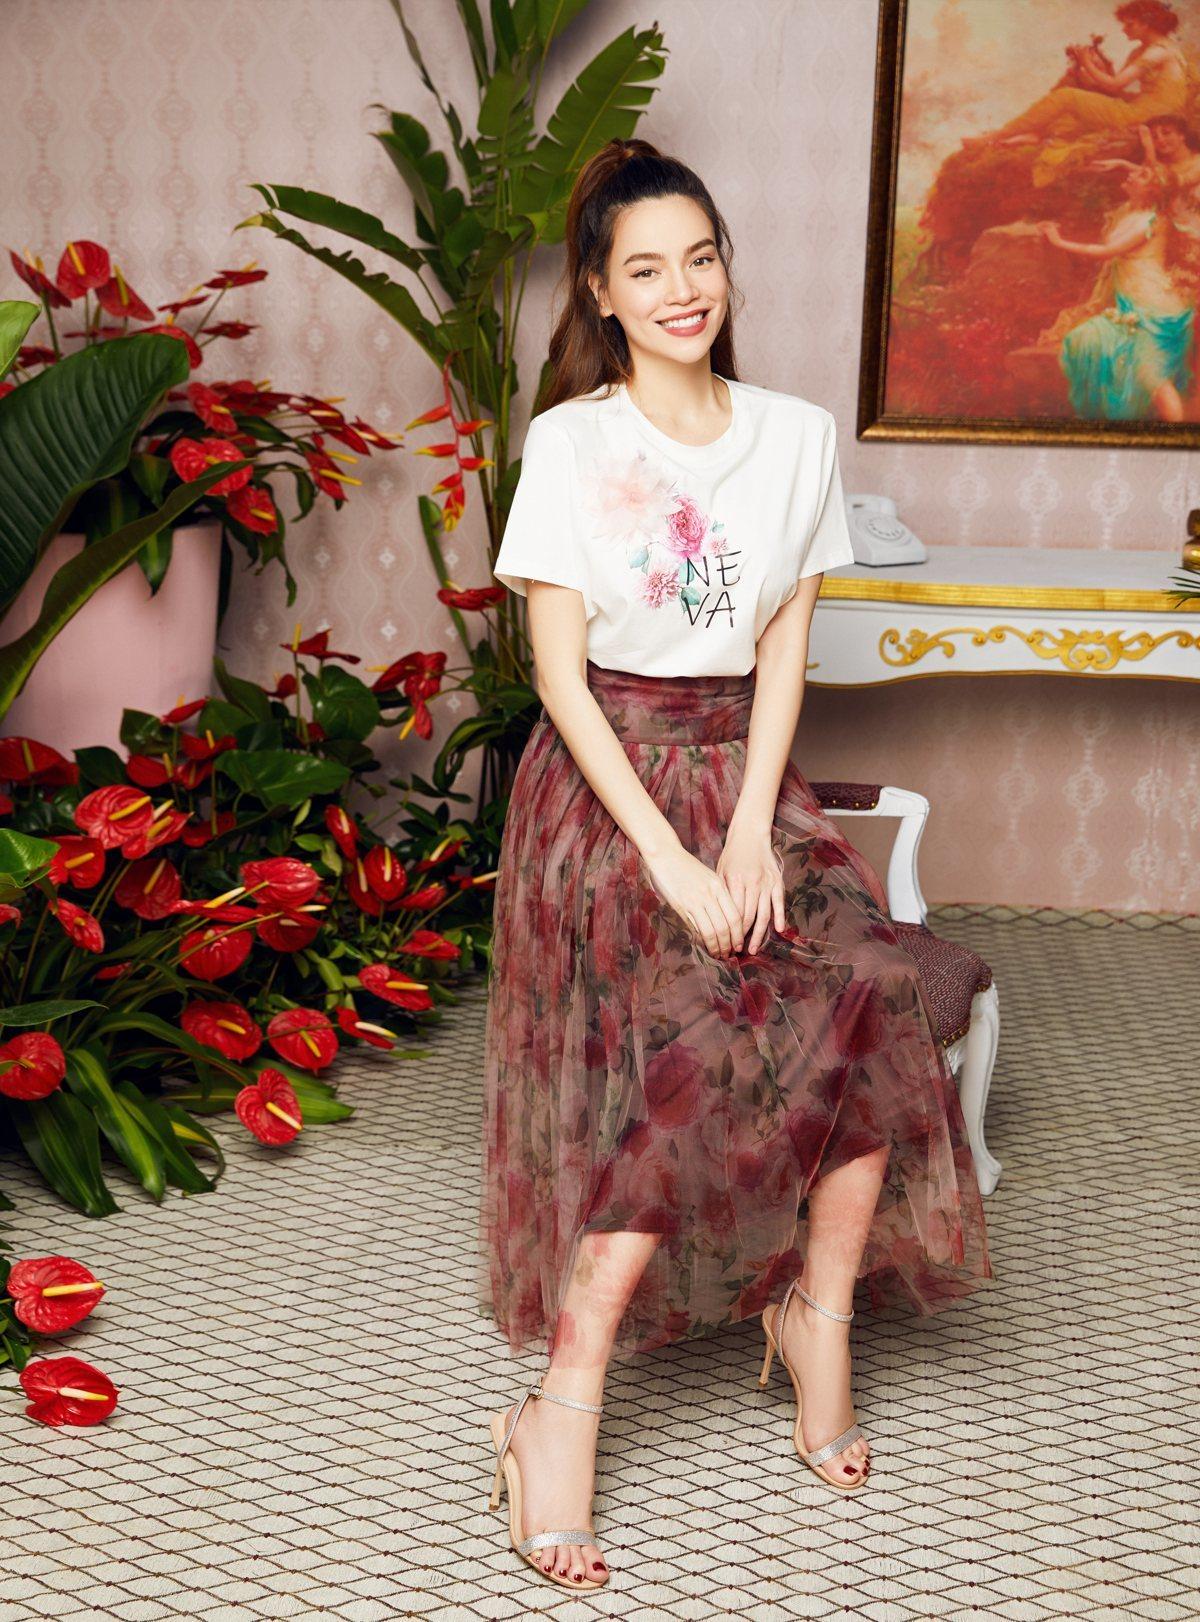 Phong cách thời trang nữ tính của Hồ Ngọc Hà